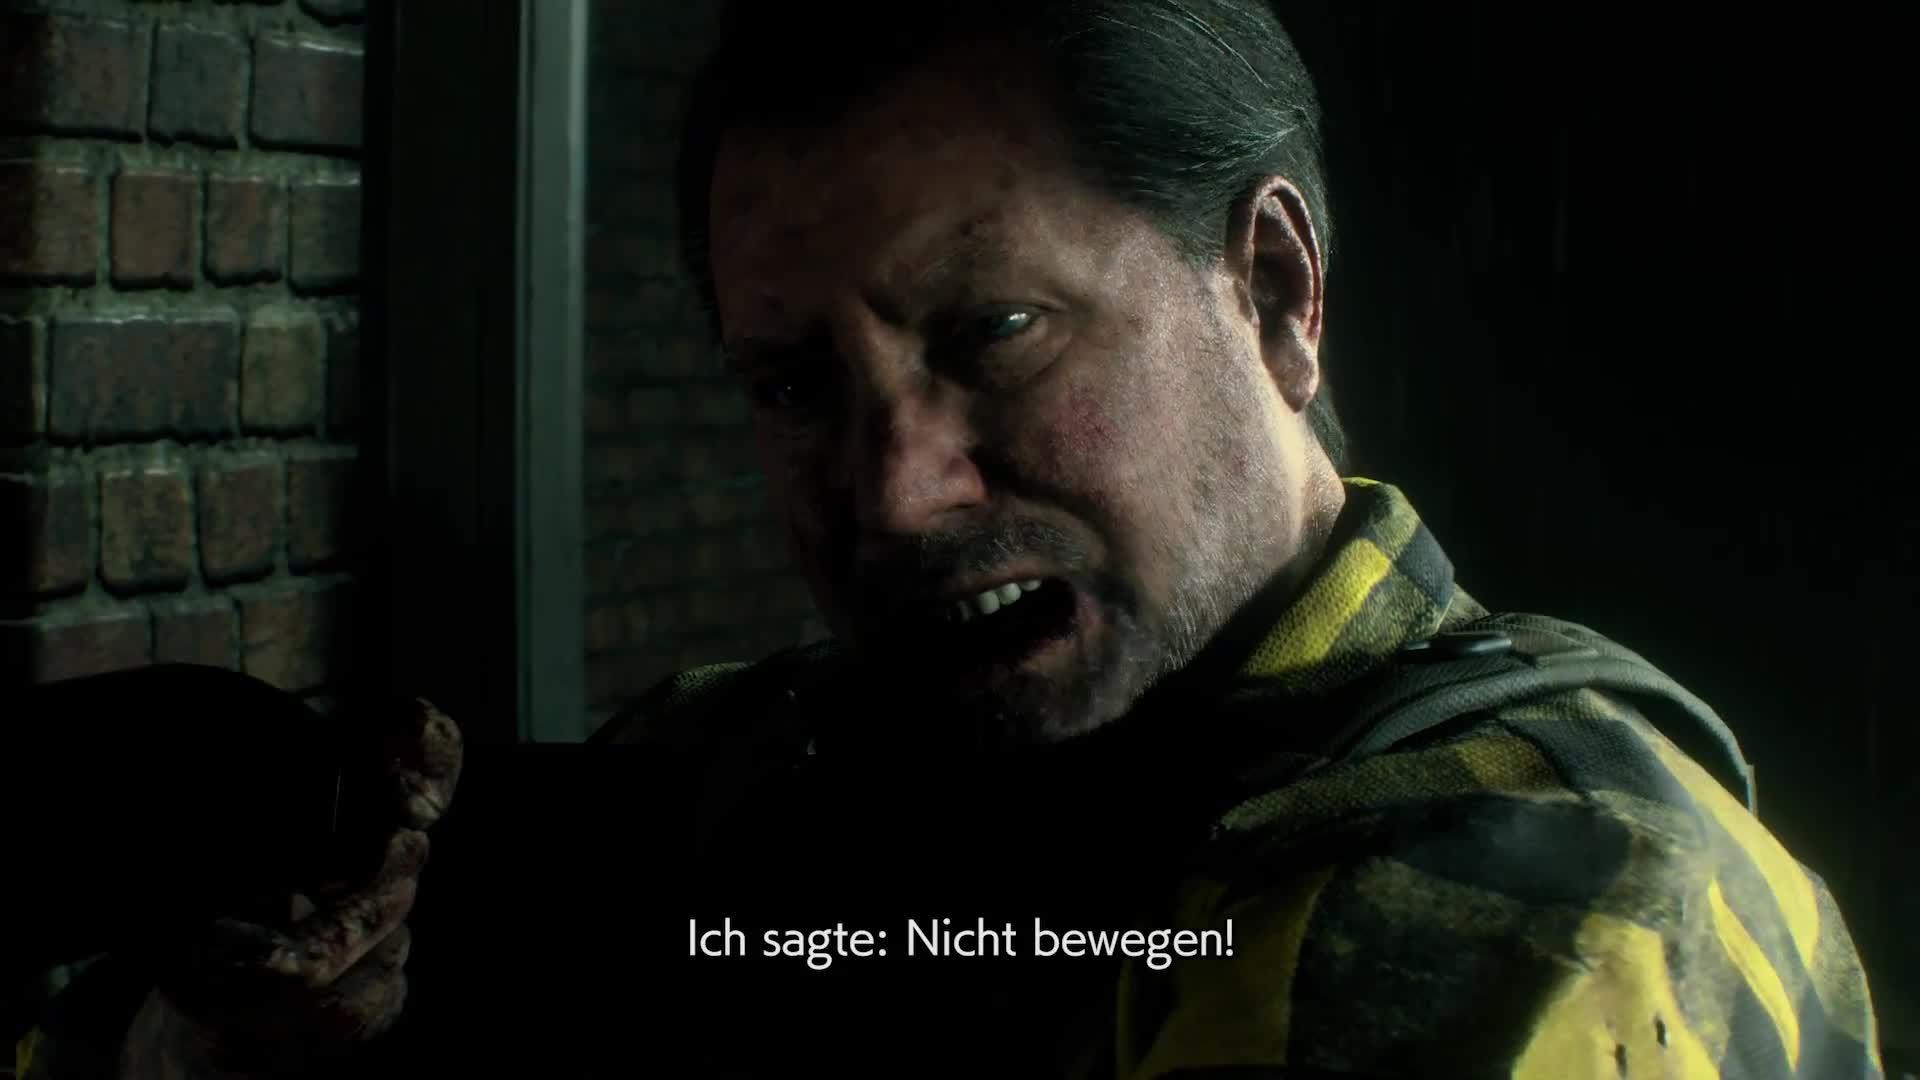 Trailer, Gameplay, Capcom, Resident Evil, Survival Horror, Resident Evil 2